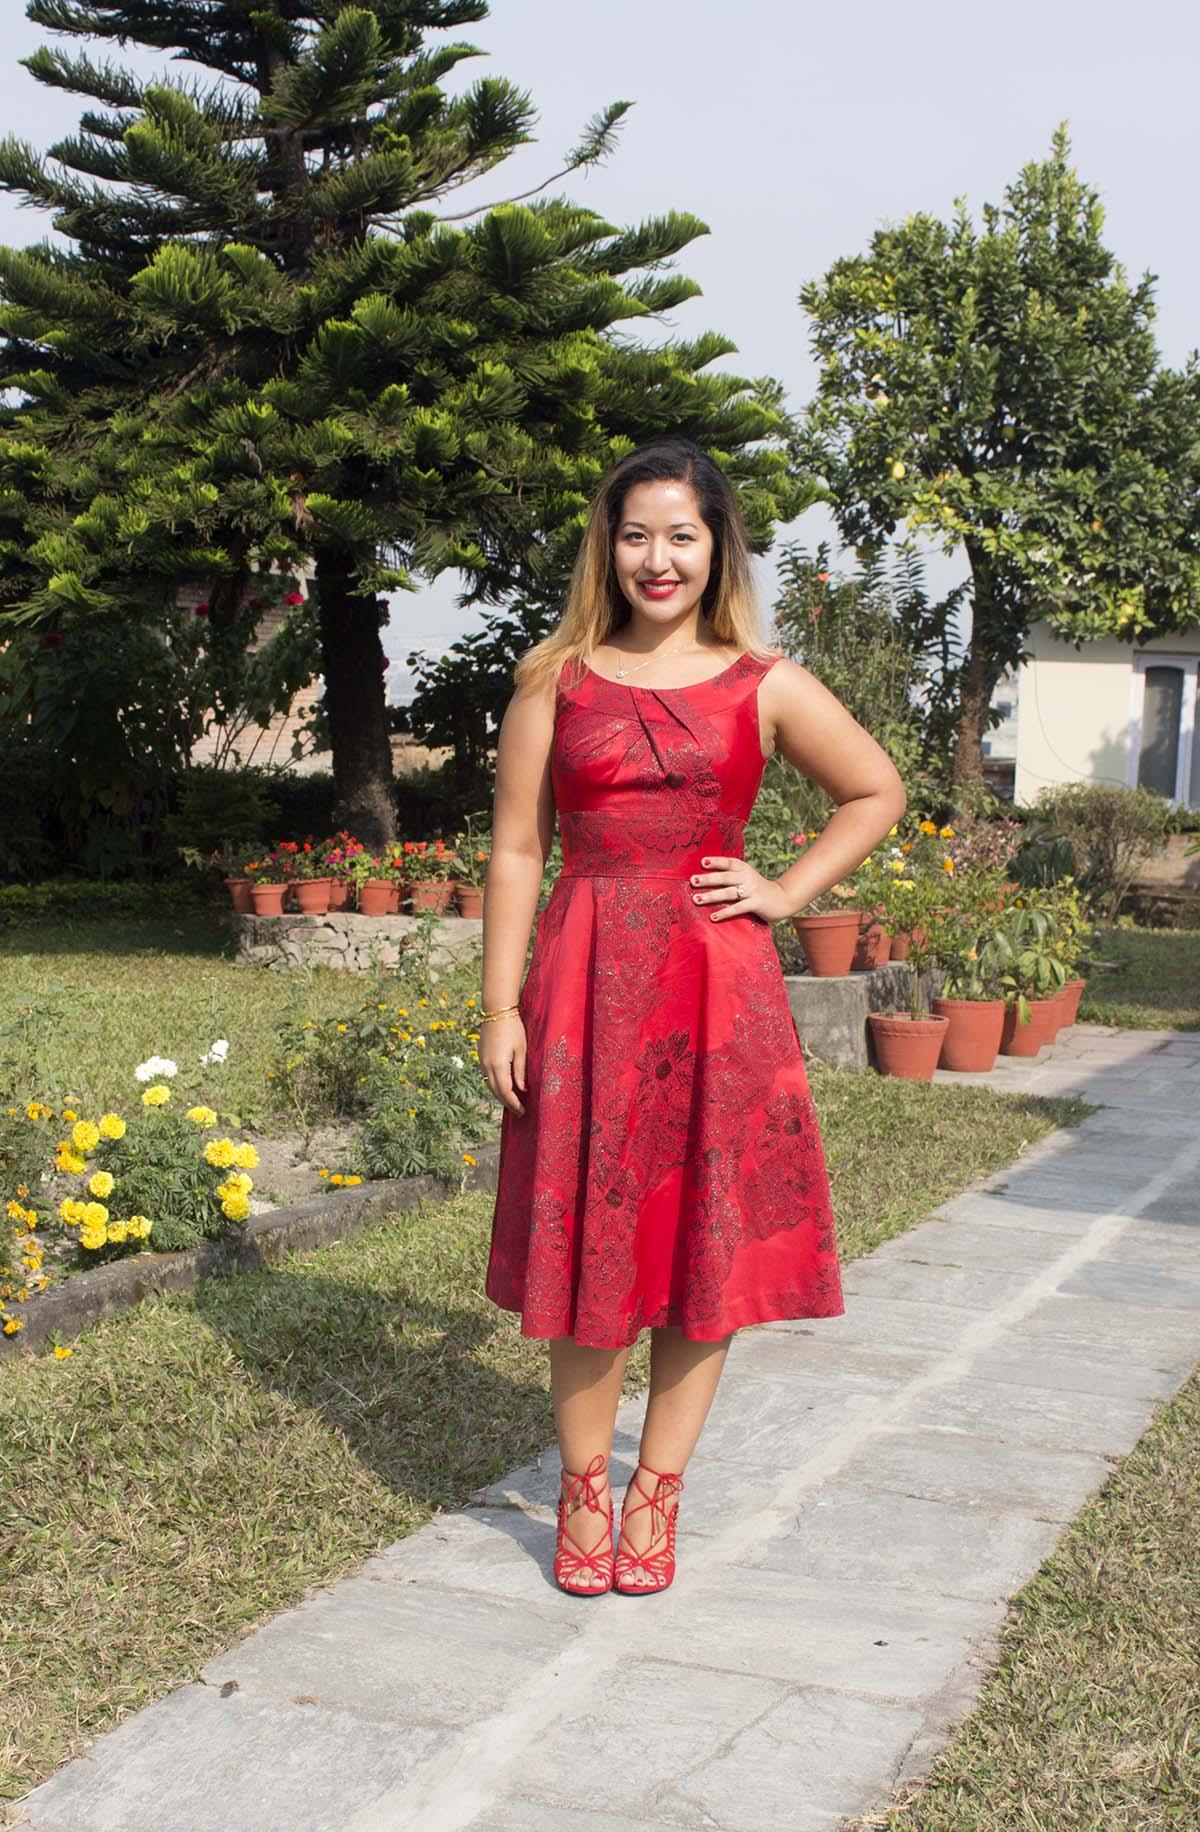 Red Dress_xmas.jpg